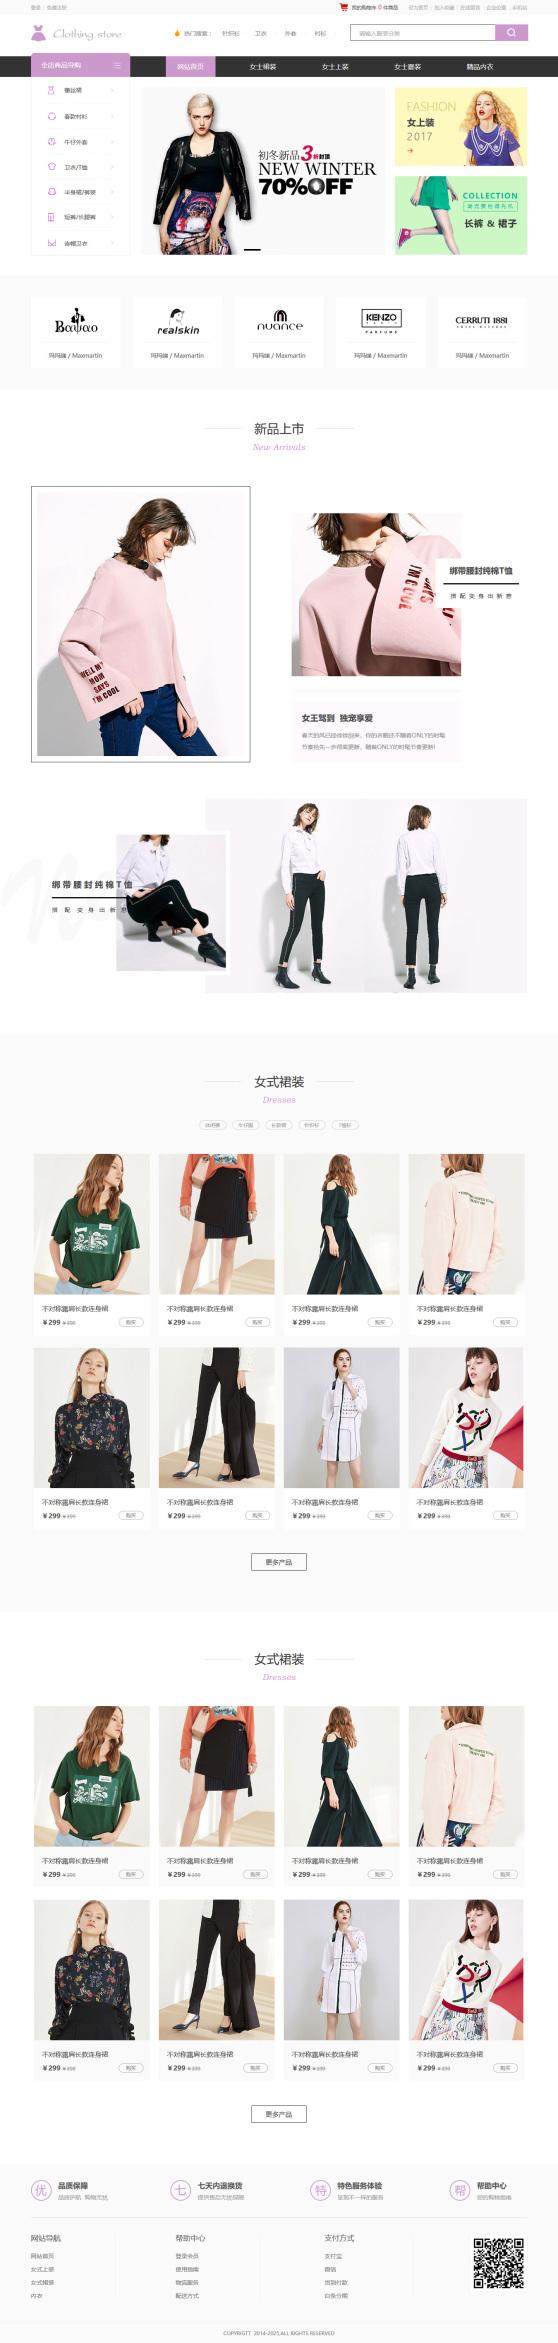 高端女装商城商城网站模板